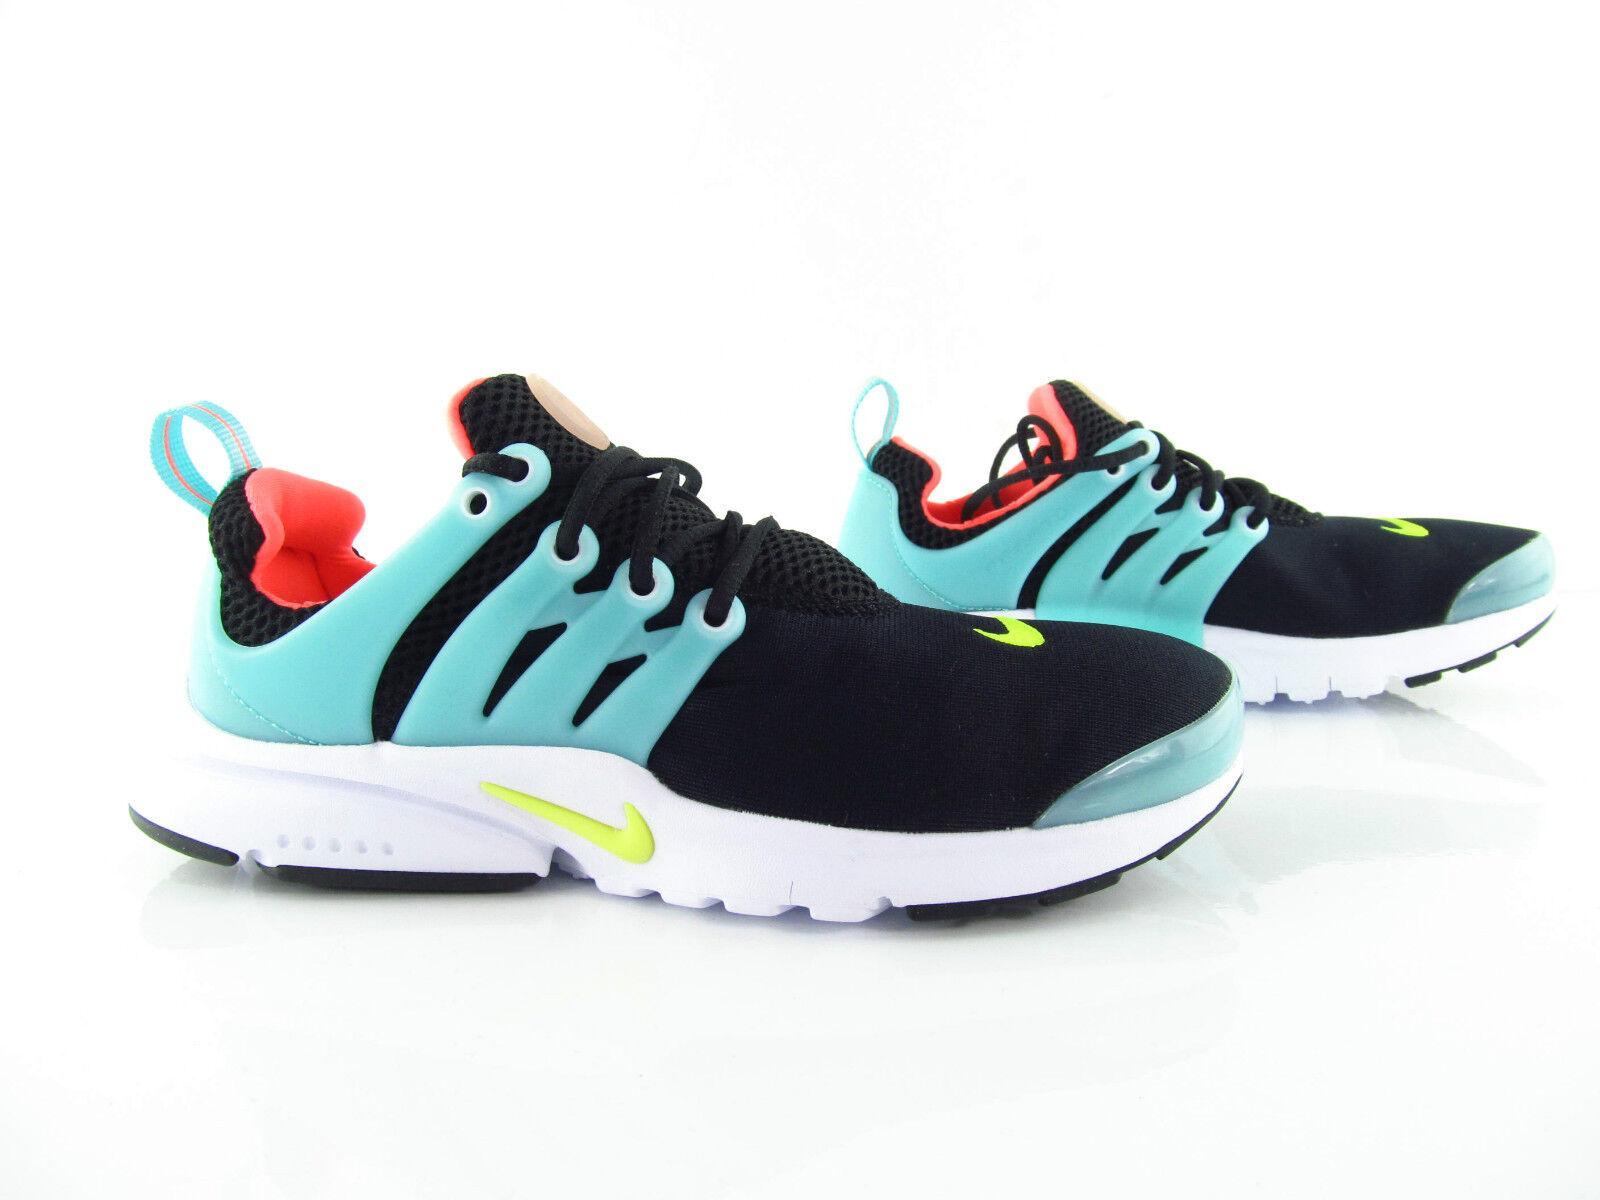 Nike Air presto reduccion de precio negro azul caliente lava caliente azul corriendo 833878 073 eur_36   37,5 especial de tiempo limitado f893ad